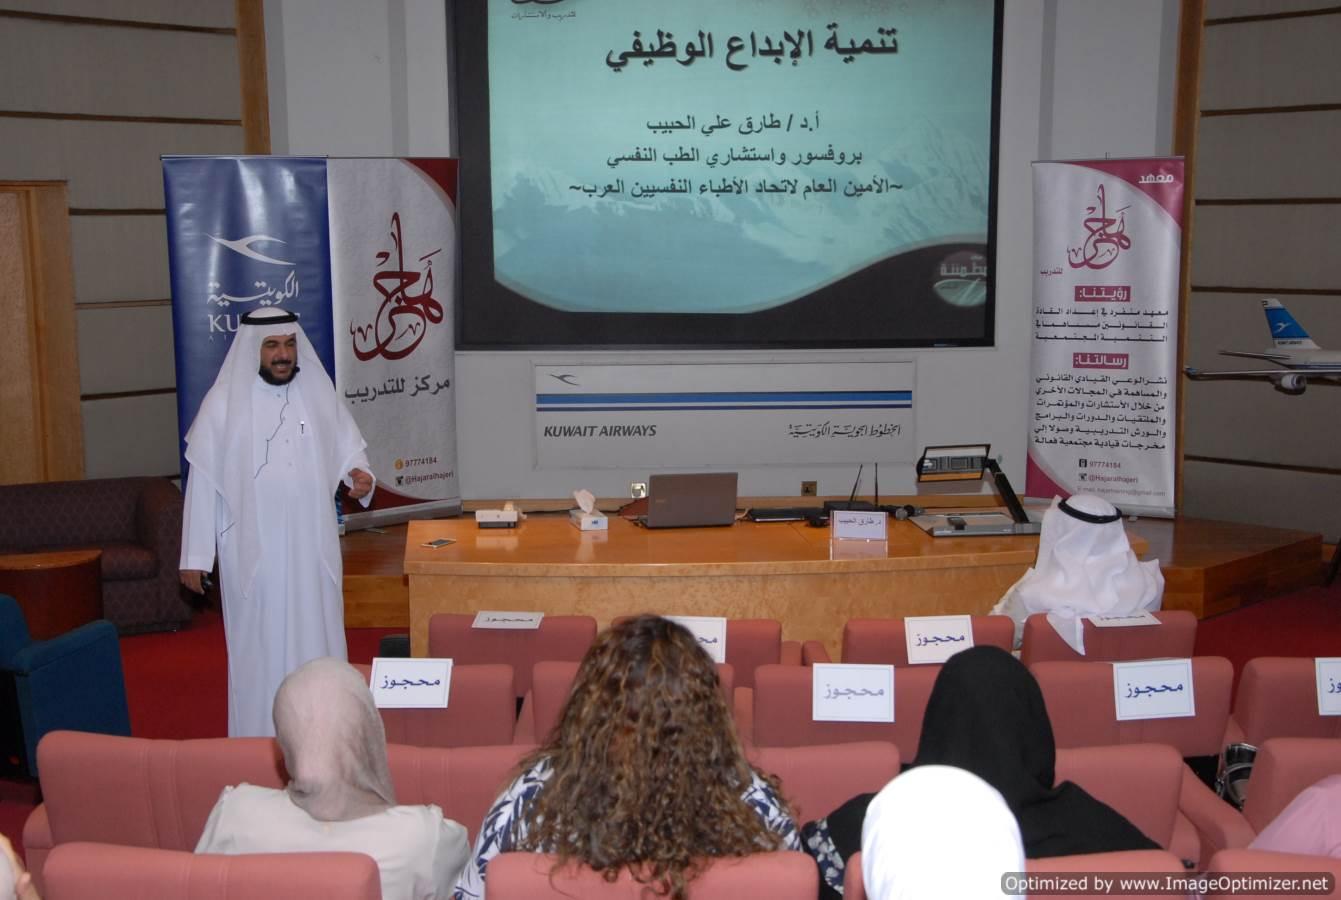 تنمية الإبداع الوظيفي - الخطوط الكويتية